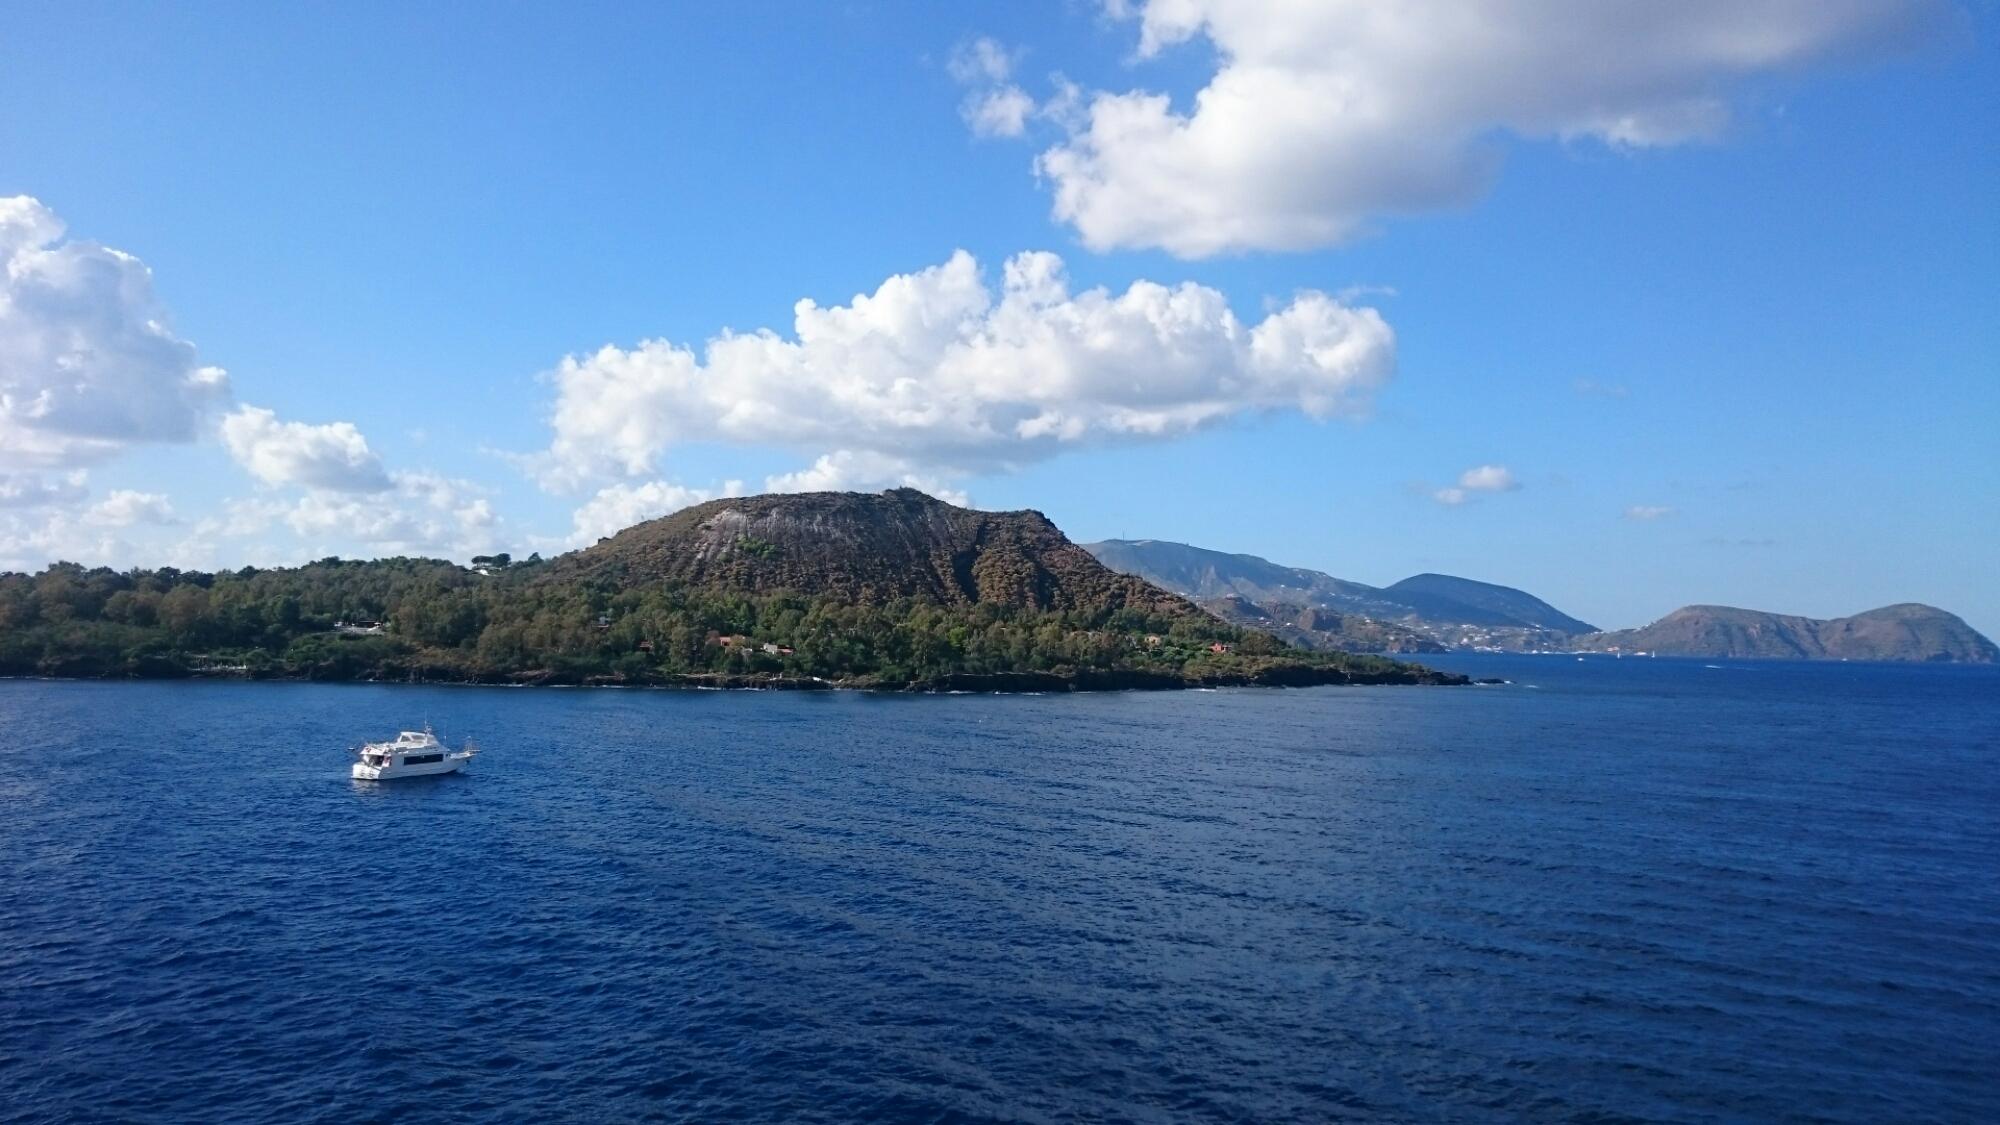 Vue depuis le ferry en direction de Vulcano - Îles éoliennes